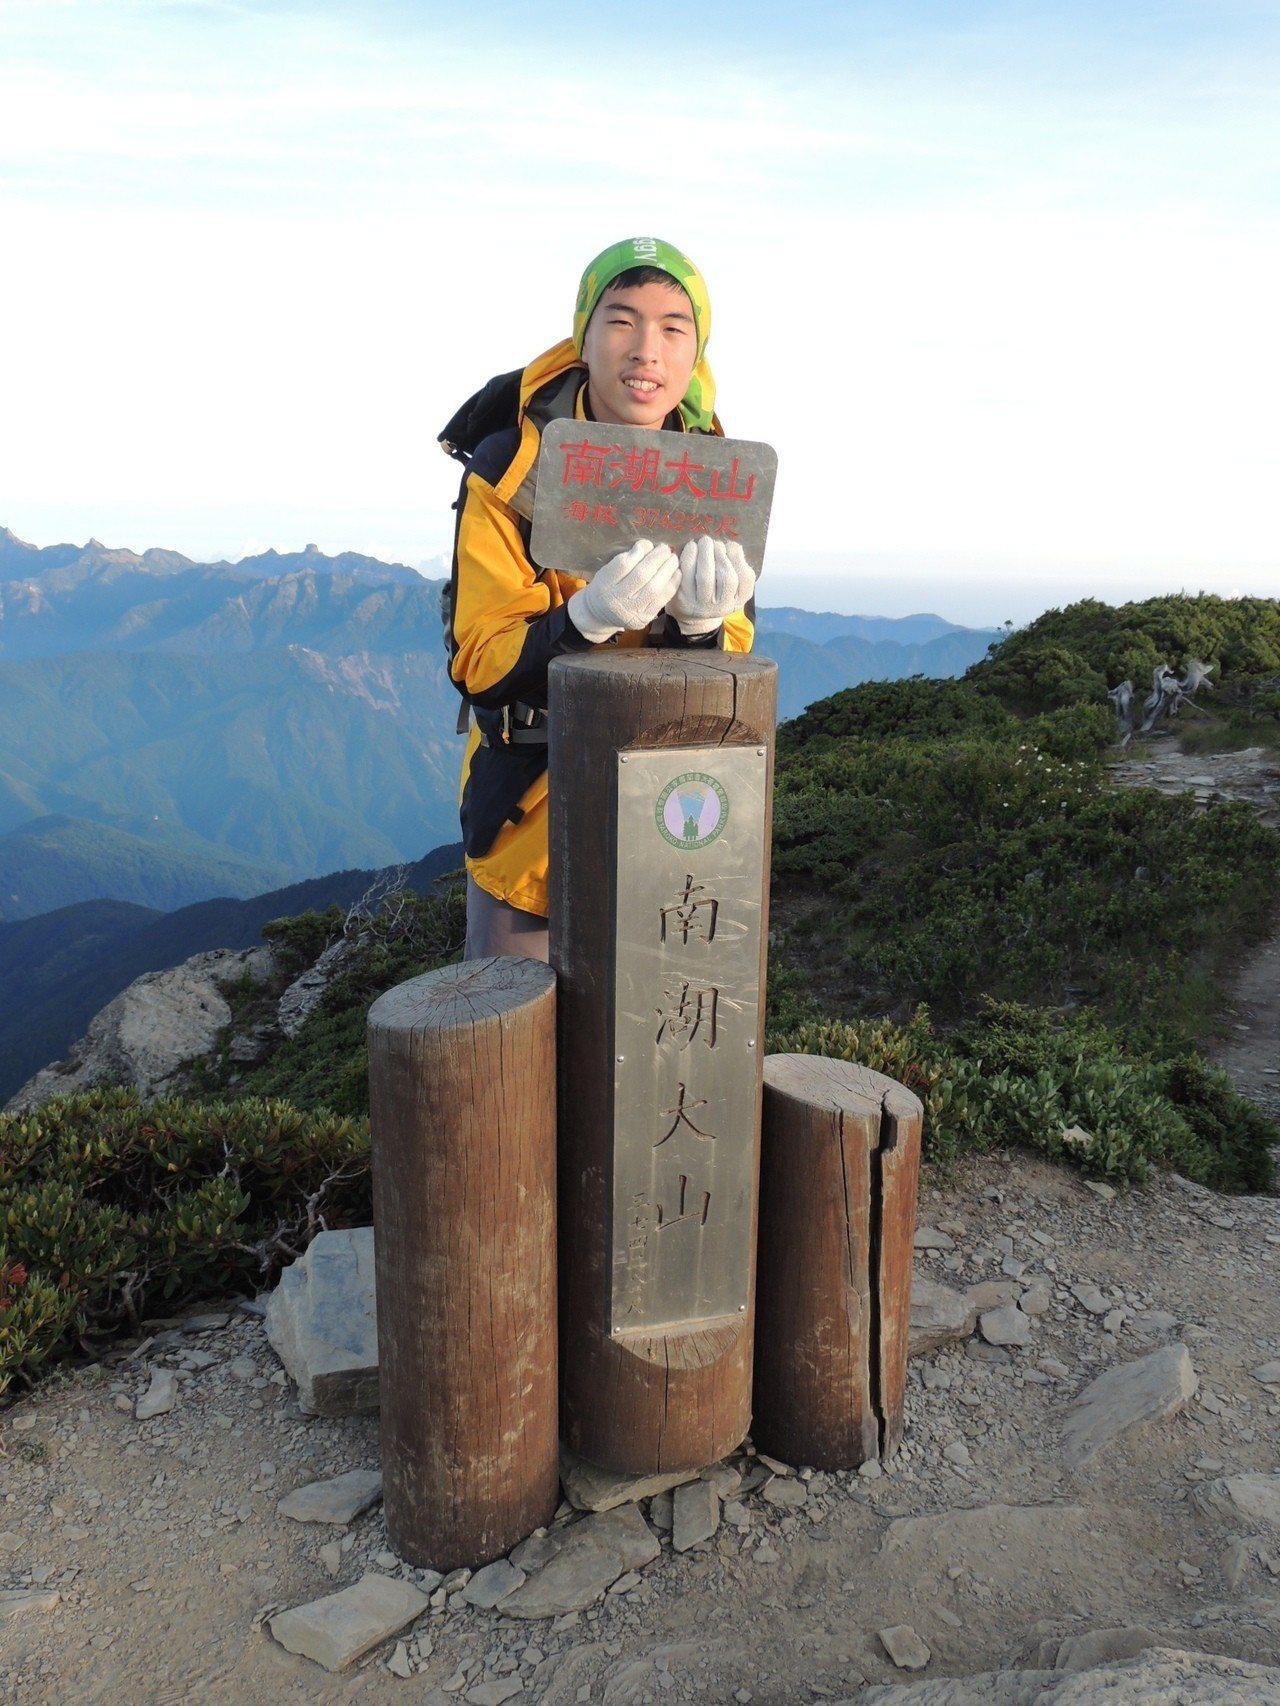 延平中學胡景棠錄取台大醫學系,胡景棠閒暇時喜歡與家人登百岳。圖/延平中學提供